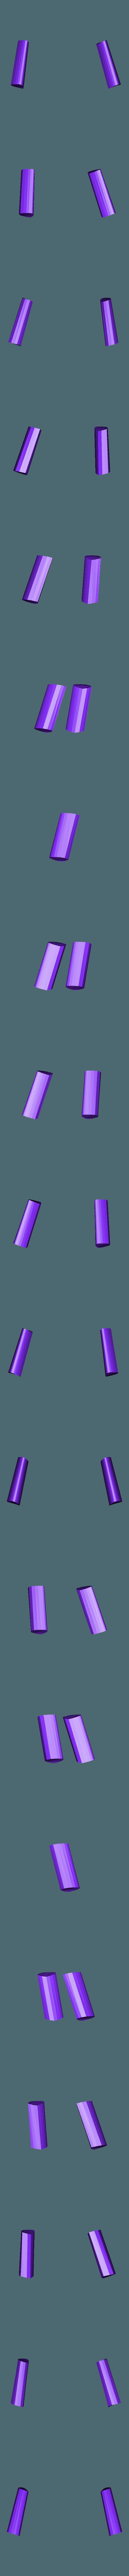 Mudkip_Pupil.stl Télécharger fichier STL gratuit Mudkip - Pokemon 258 • Objet à imprimer en 3D, Kahnindustries